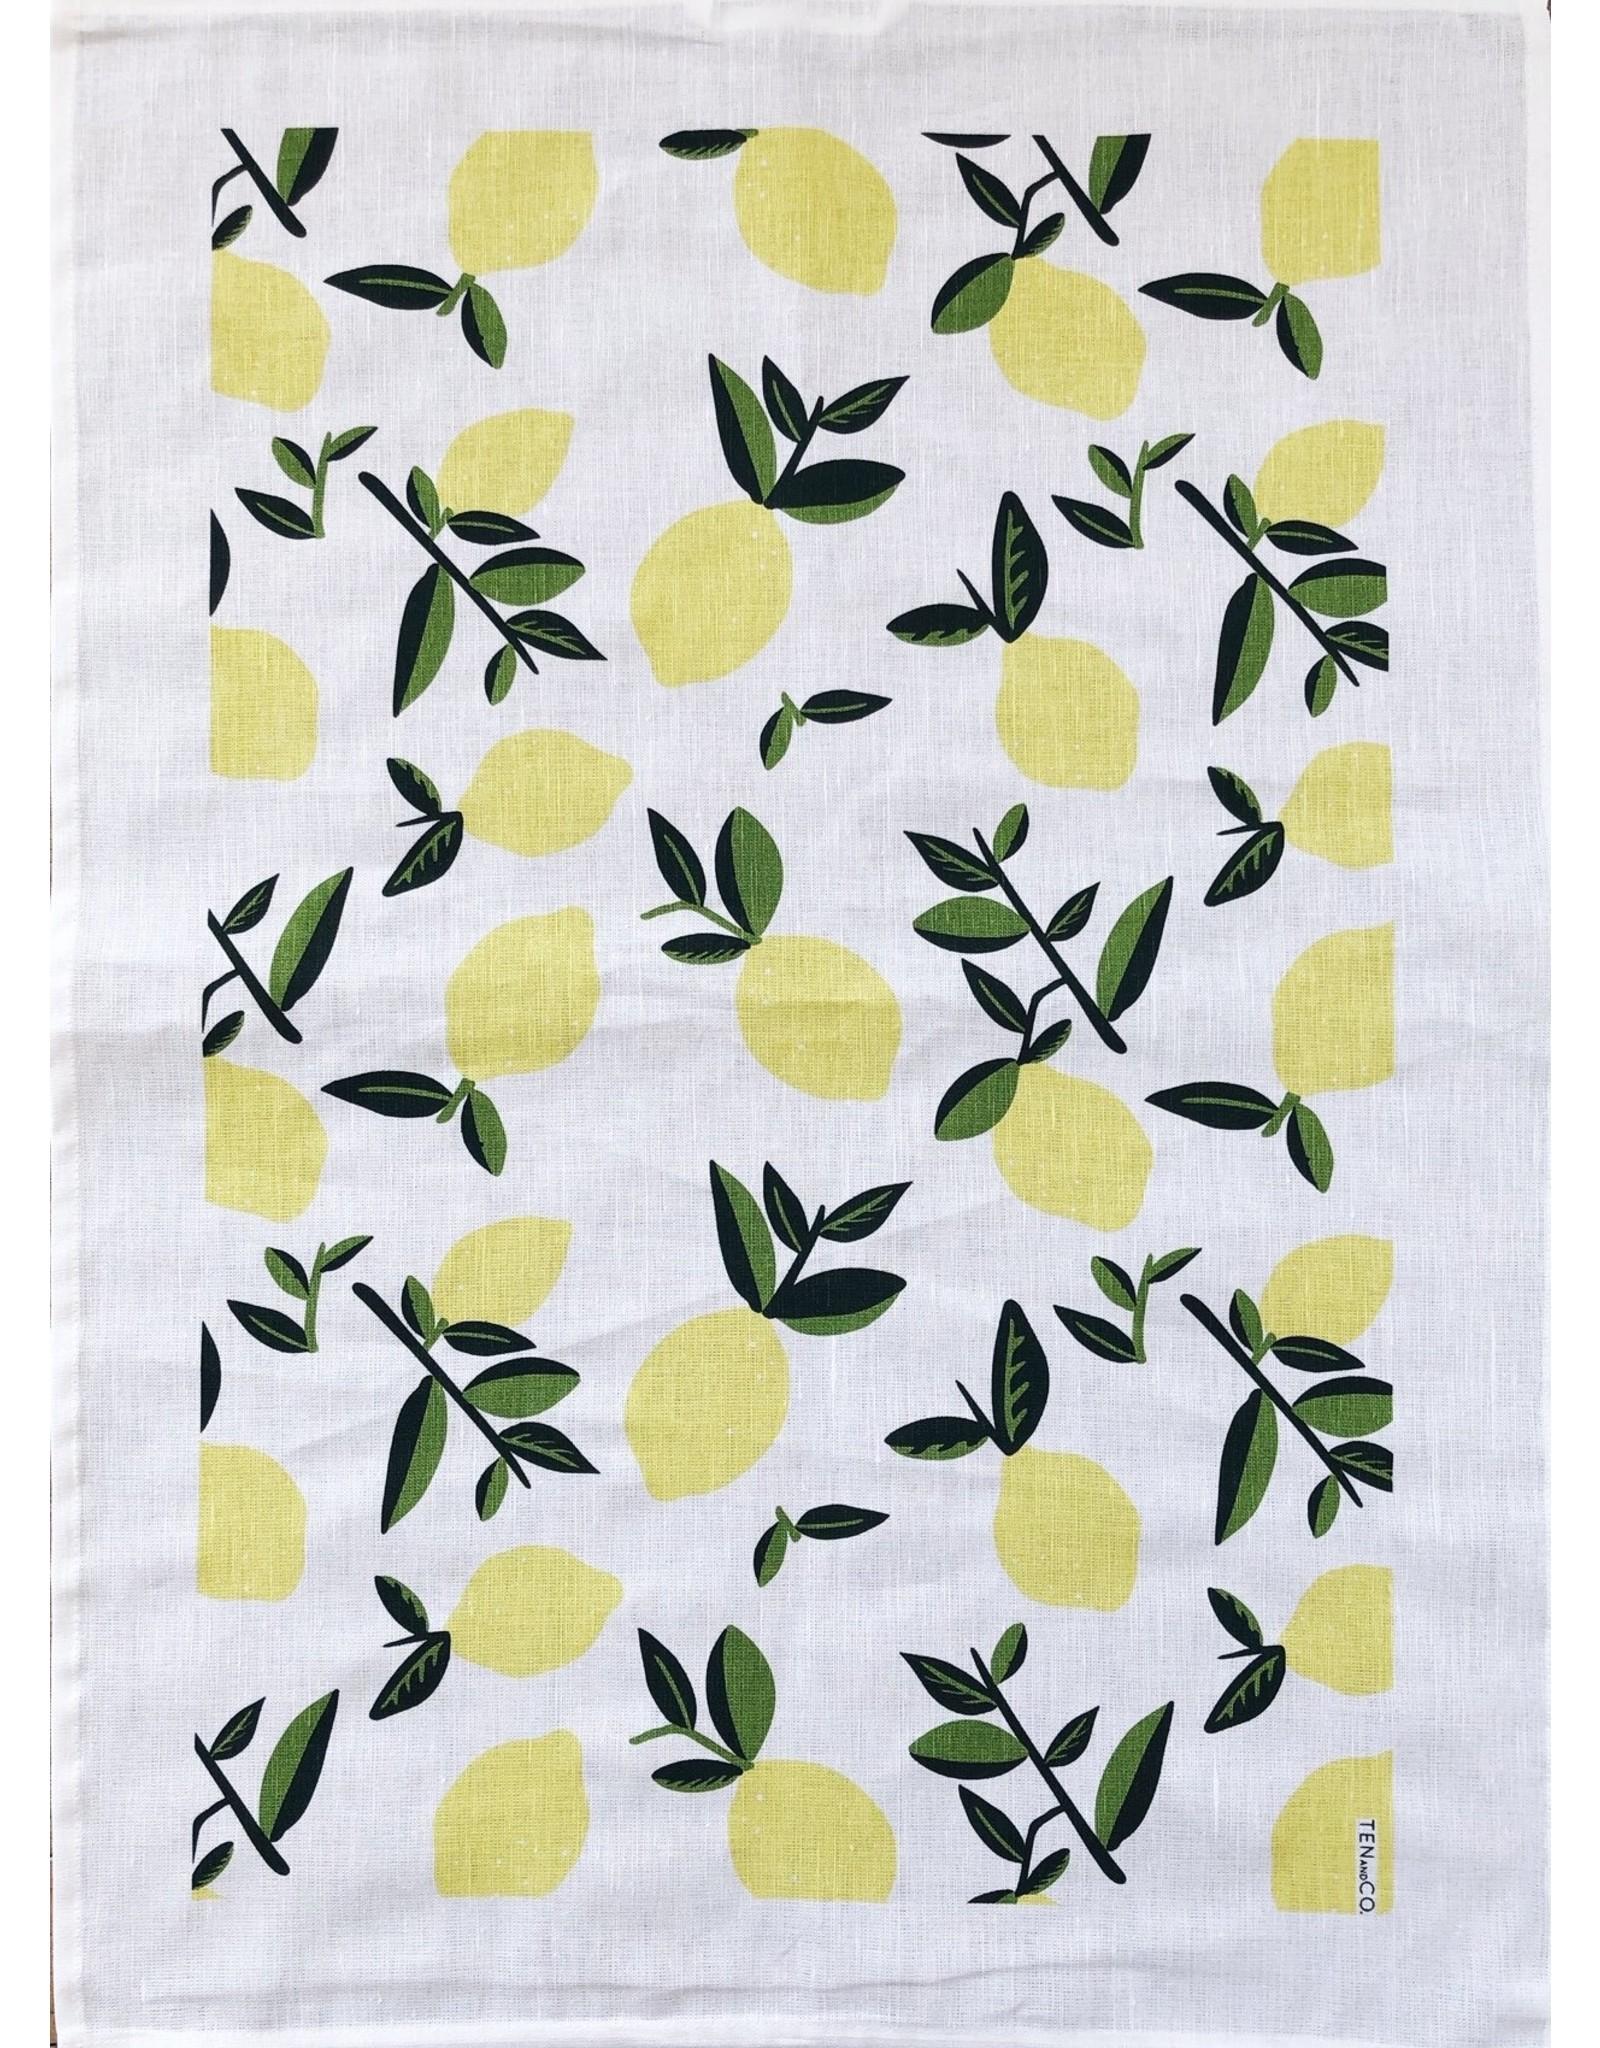 Ten & Co Tea Towel Citrus Lemon